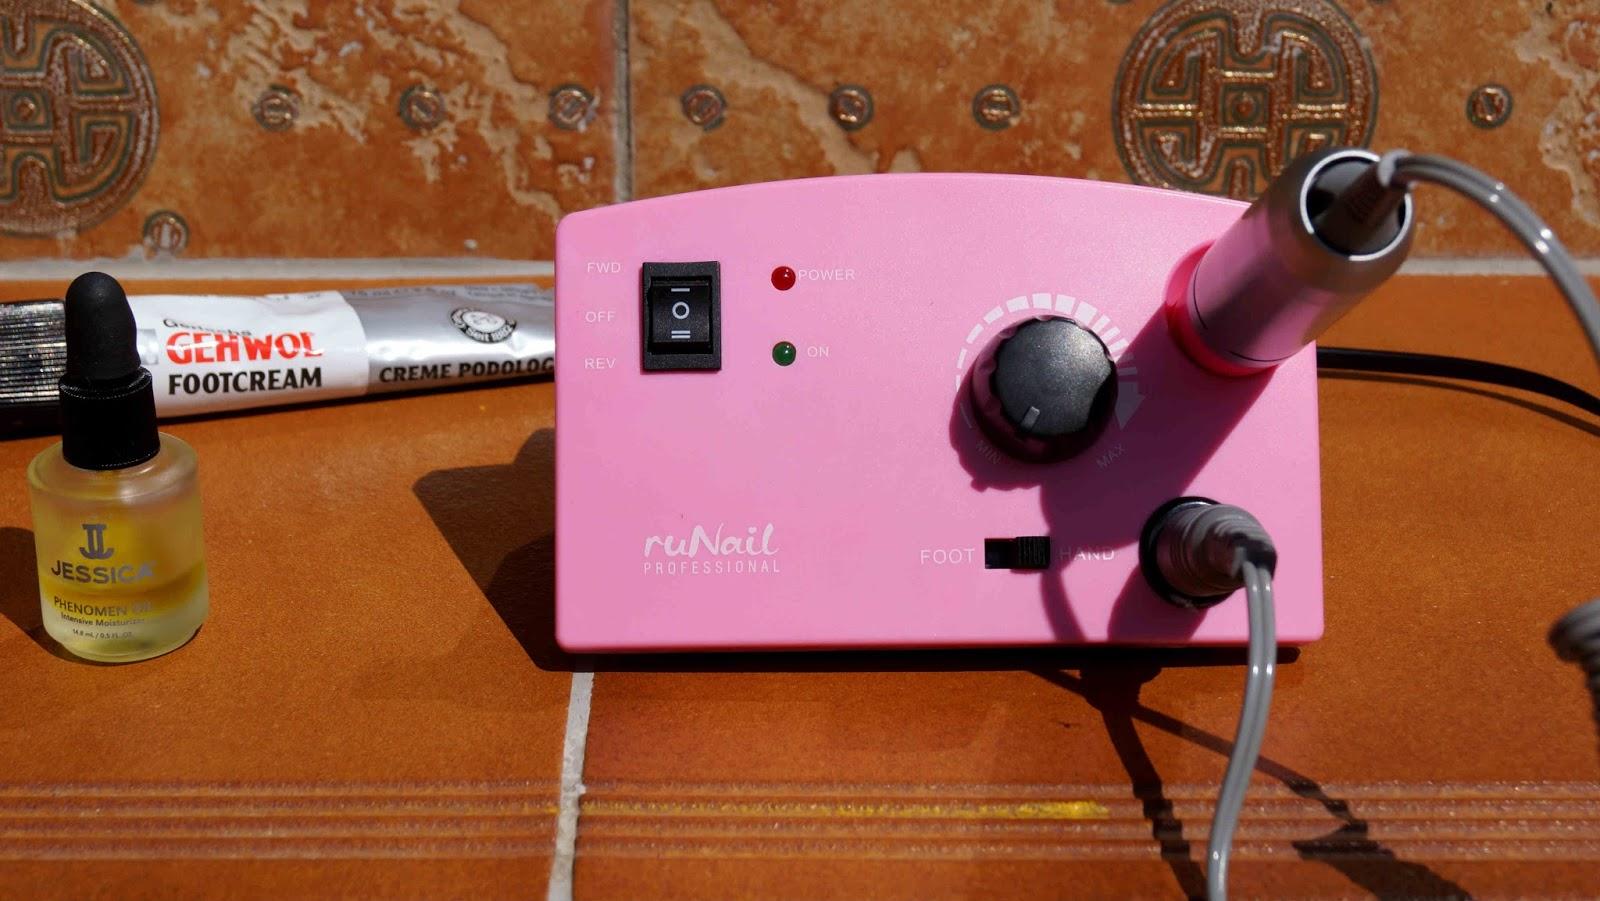 Аппарат для маникюра и педикюра runail рм-25000 отзывы